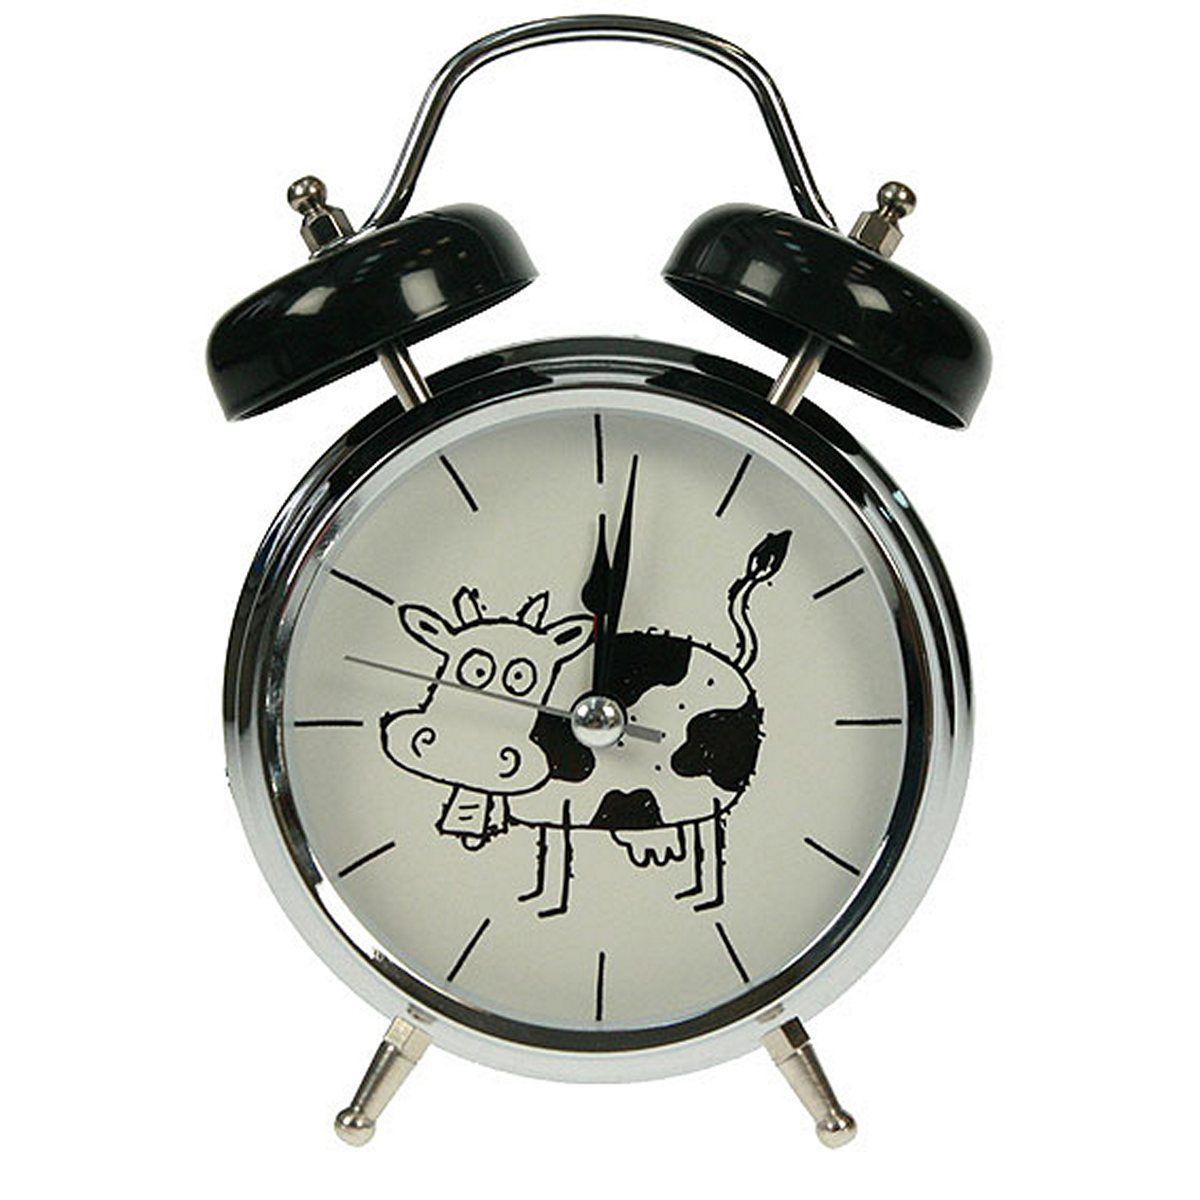 Часы настольные Русские Подарки Корова, с функцией будильника, 12 х 6 х 17 см. 23241694672Настольные кварцевые часы Русские Подарки Корова изготовлены из металла, циферблат защищен стеклом. Оригинальное оформление в виде смешной коровы поднимет настроение, а благодаря функции будильника вы проснетесь вовремя. Часы имеют три стрелки - часовую, минутную и секундную.Такие часы украсят интерьер дома или рабочий стол в офисе. Также часы могут стать уникальным, полезным подарком для родственников, коллег, знакомых и близких.Часы работают от батареек типа АА (в комплект не входят).